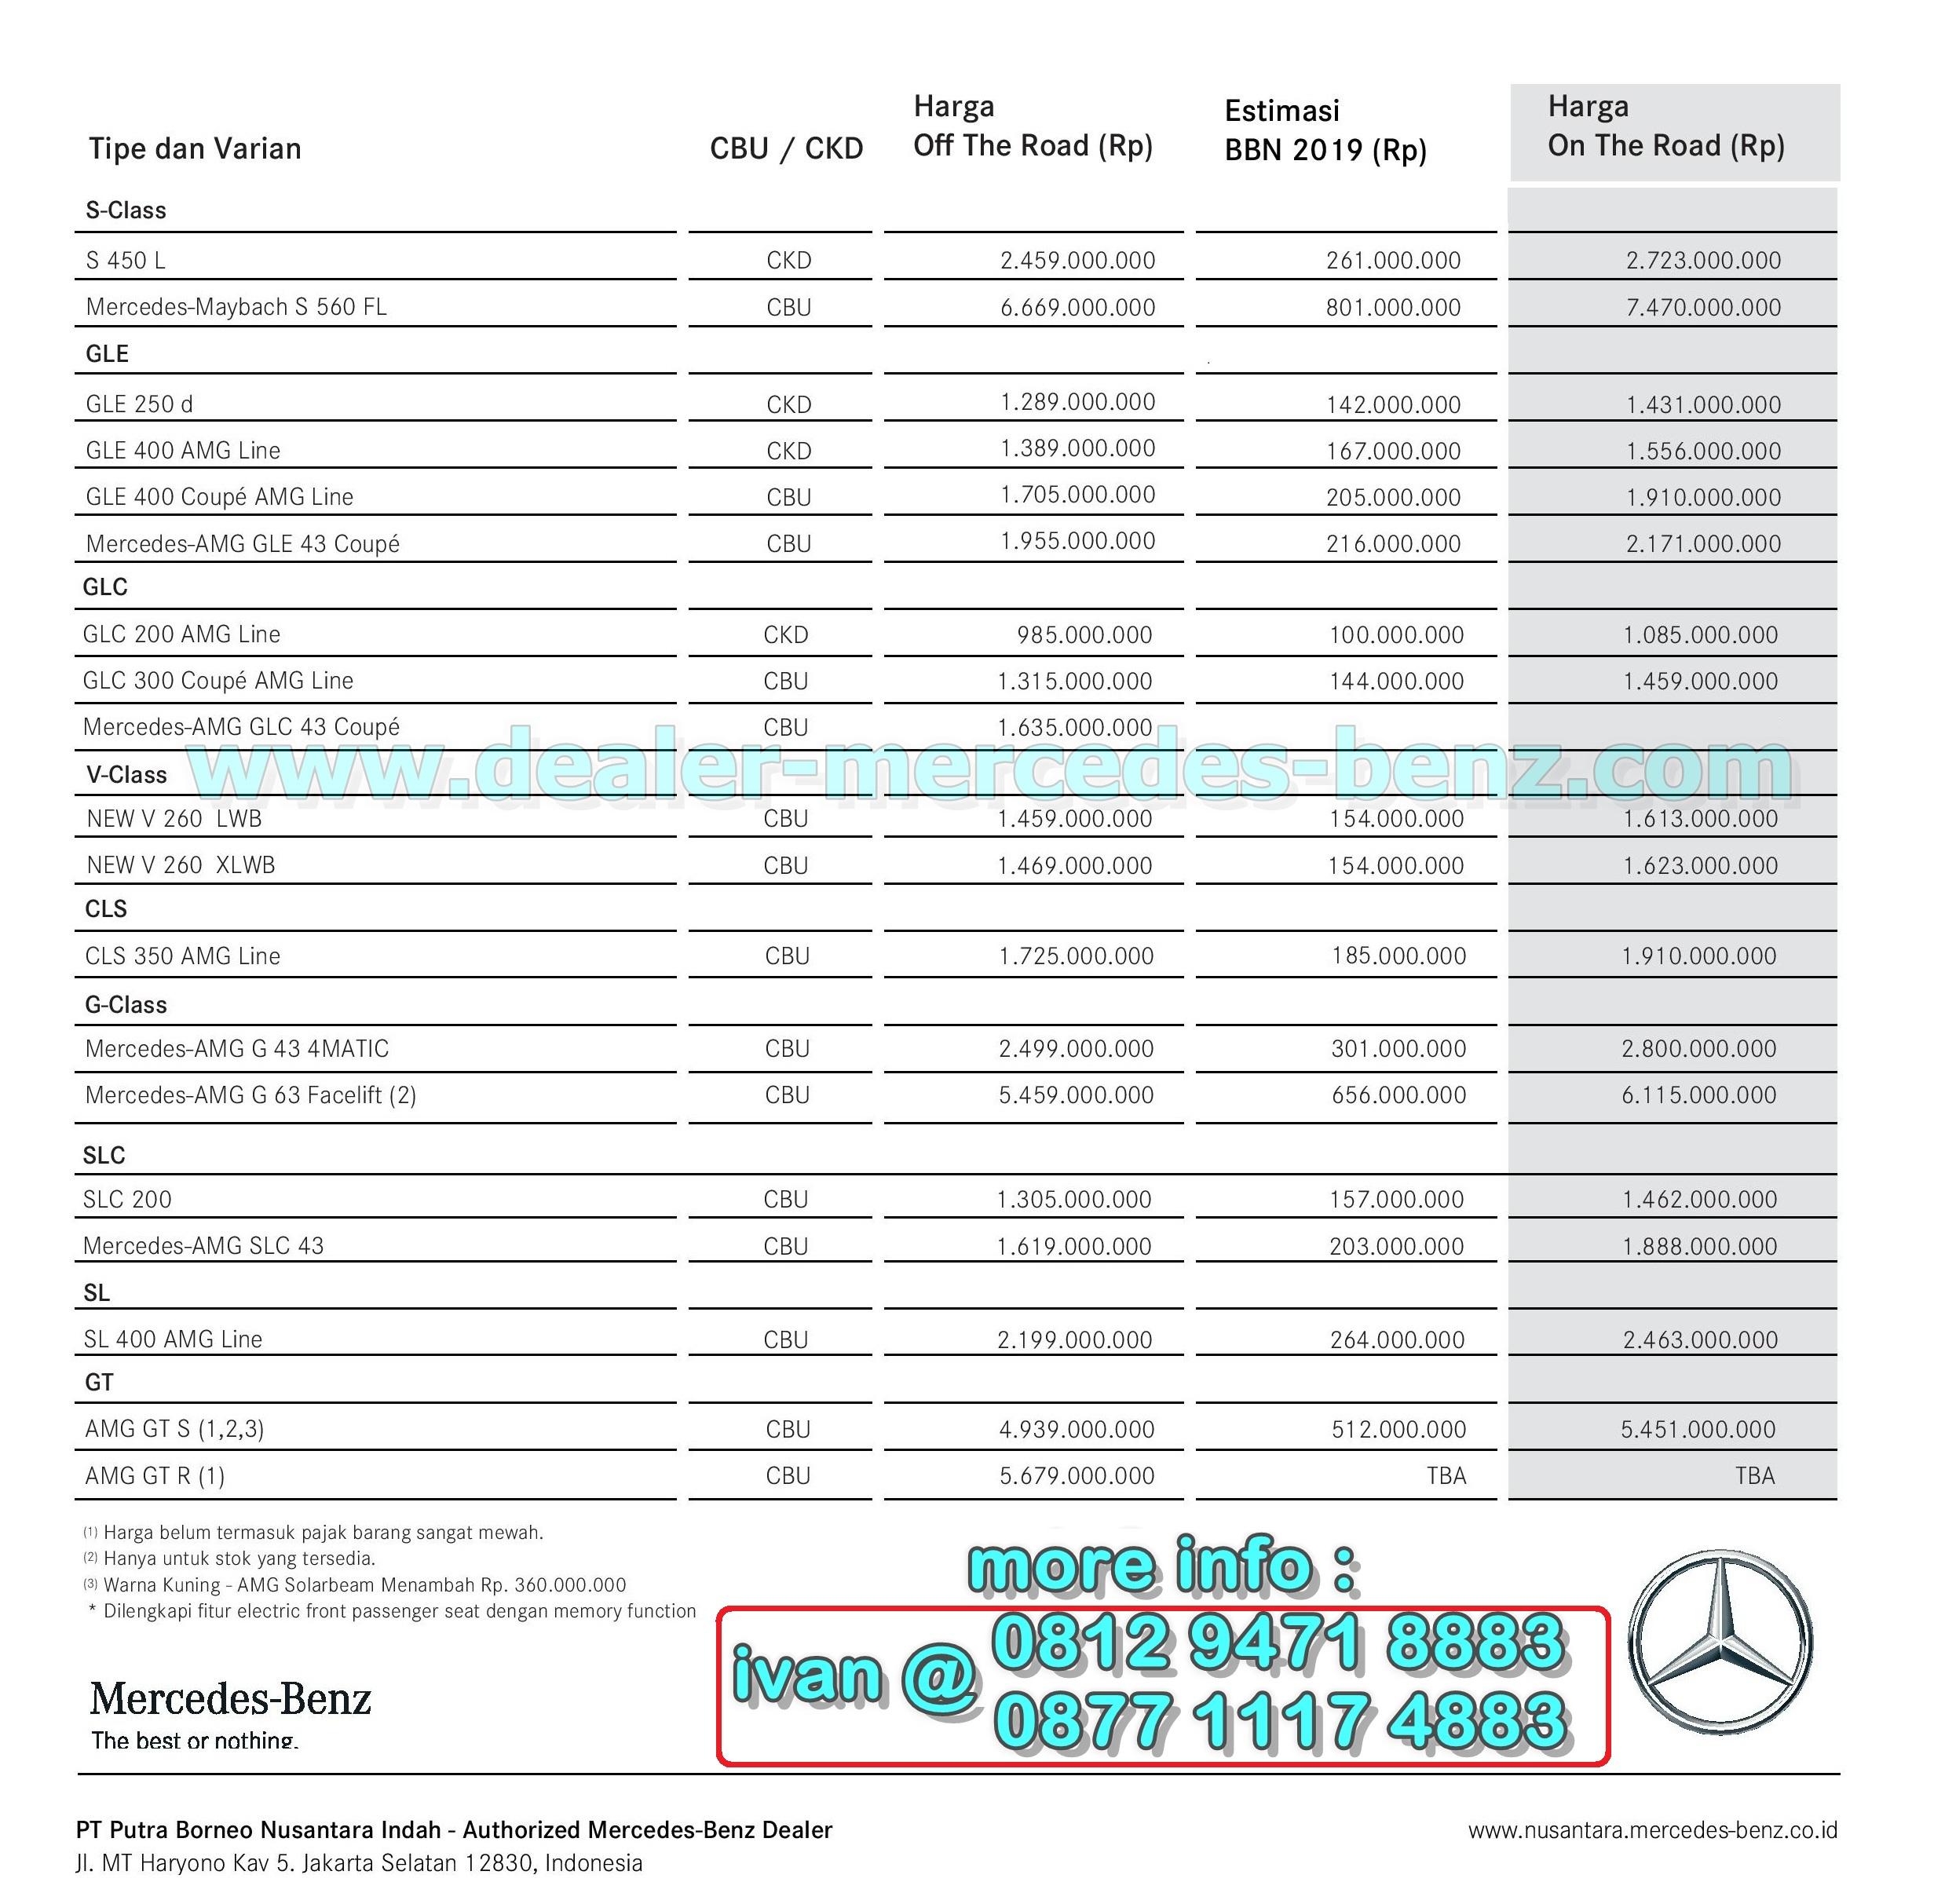 Price list Mercedes Benz 2019 Jakarta-Indonesia